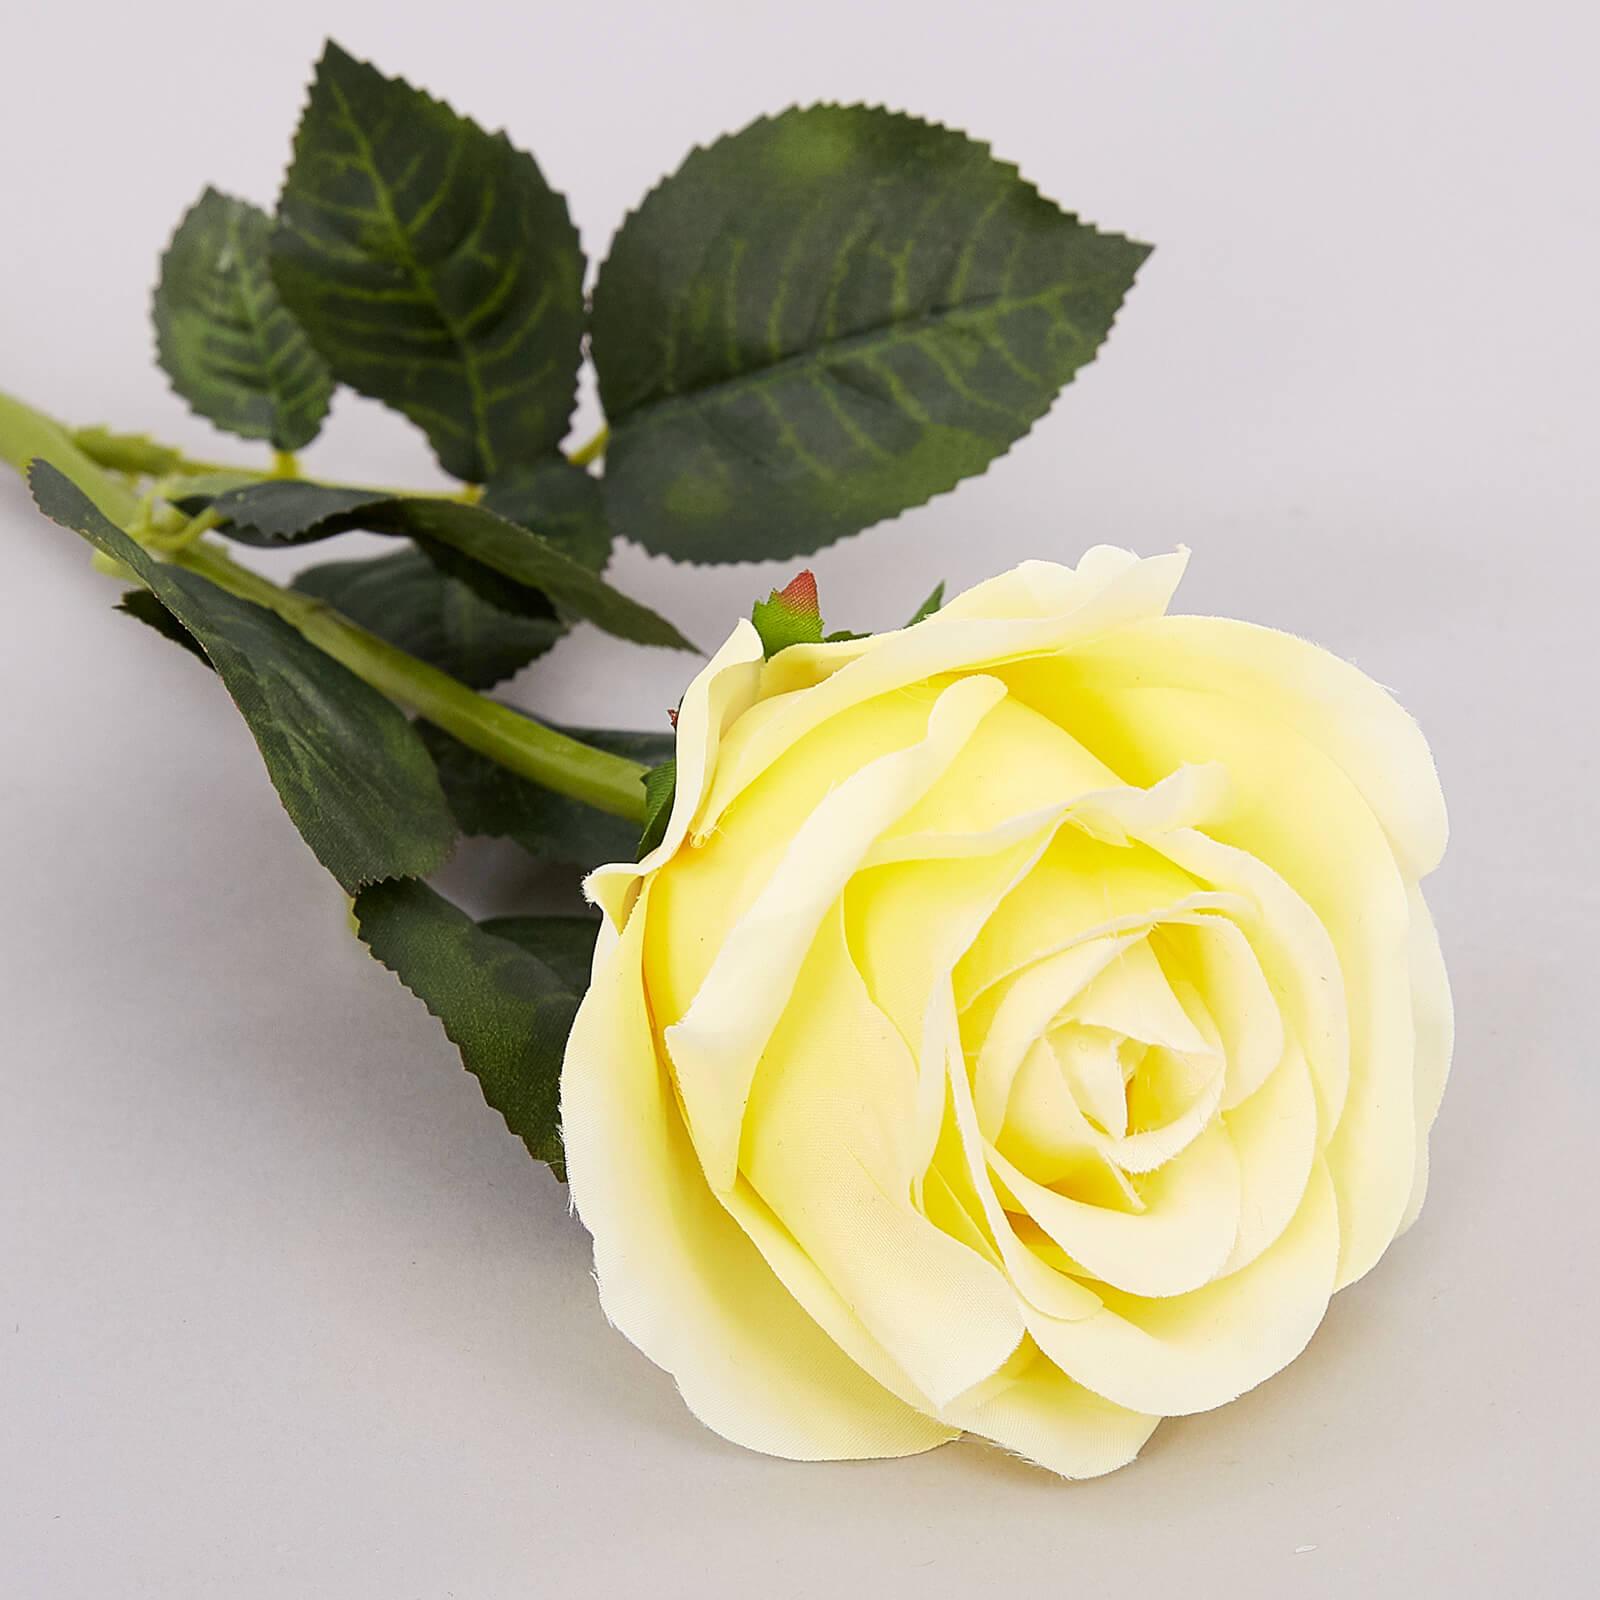 Удивительные картинки с розами, интересная сборка 27 фото 4